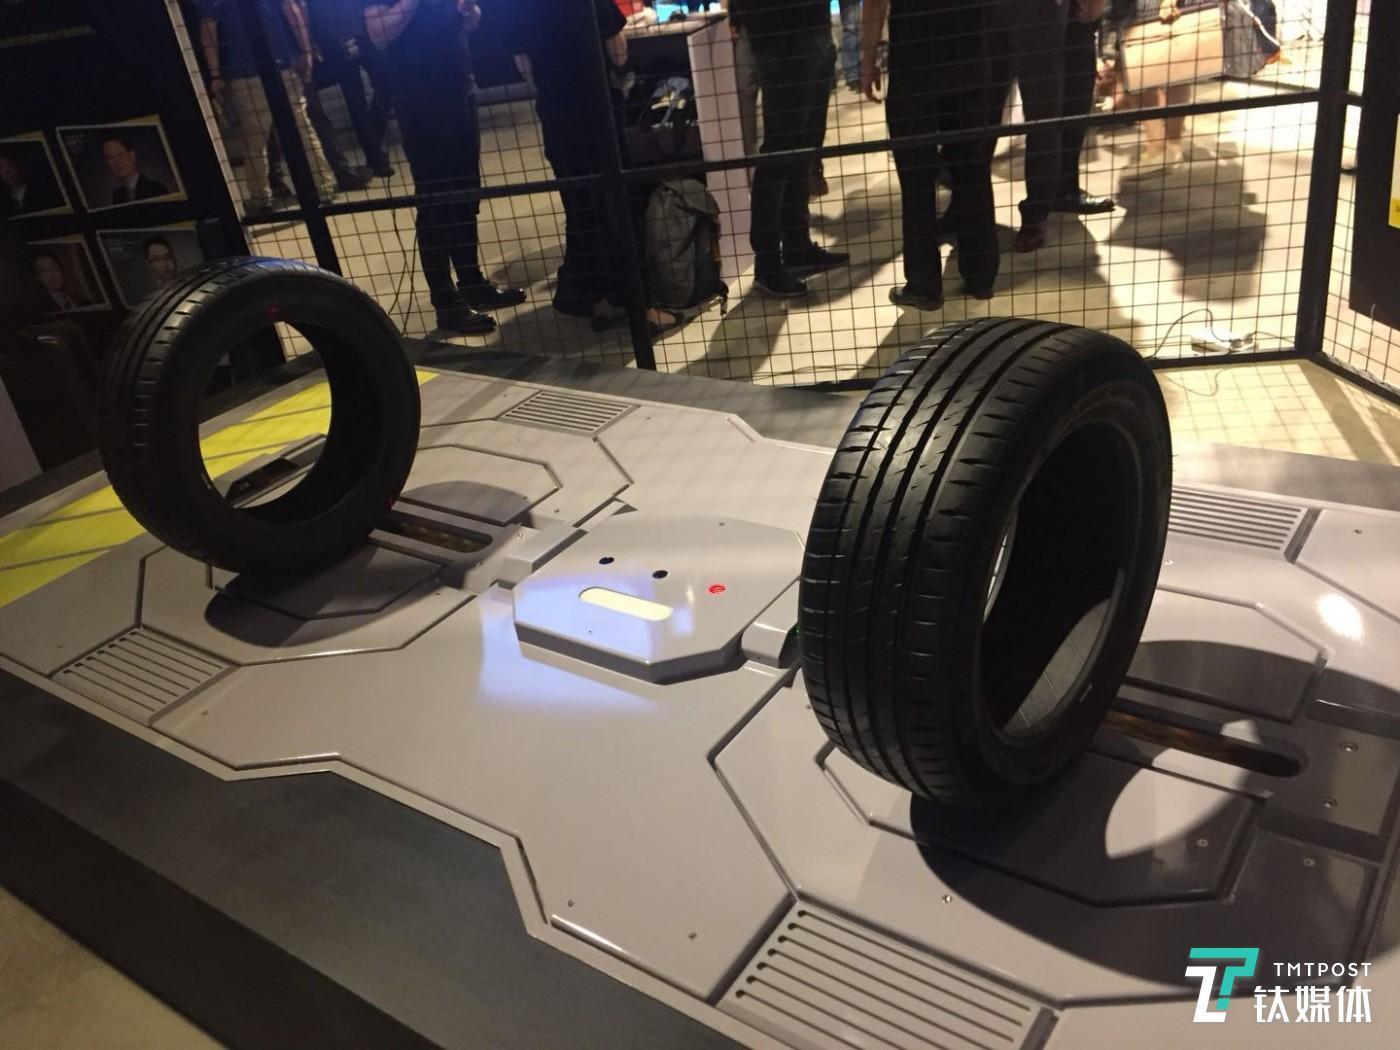 """泰哈珀智能轮胎检测,基于云服务平台的""""X-Treads轮胎智能检测硬件"""",自动化检测轮胎花纹深度及四轮定位的诊断,车主只需驾车缓慢通过该硬件设备,可以立即获取自己车的轮胎检测报告。"""